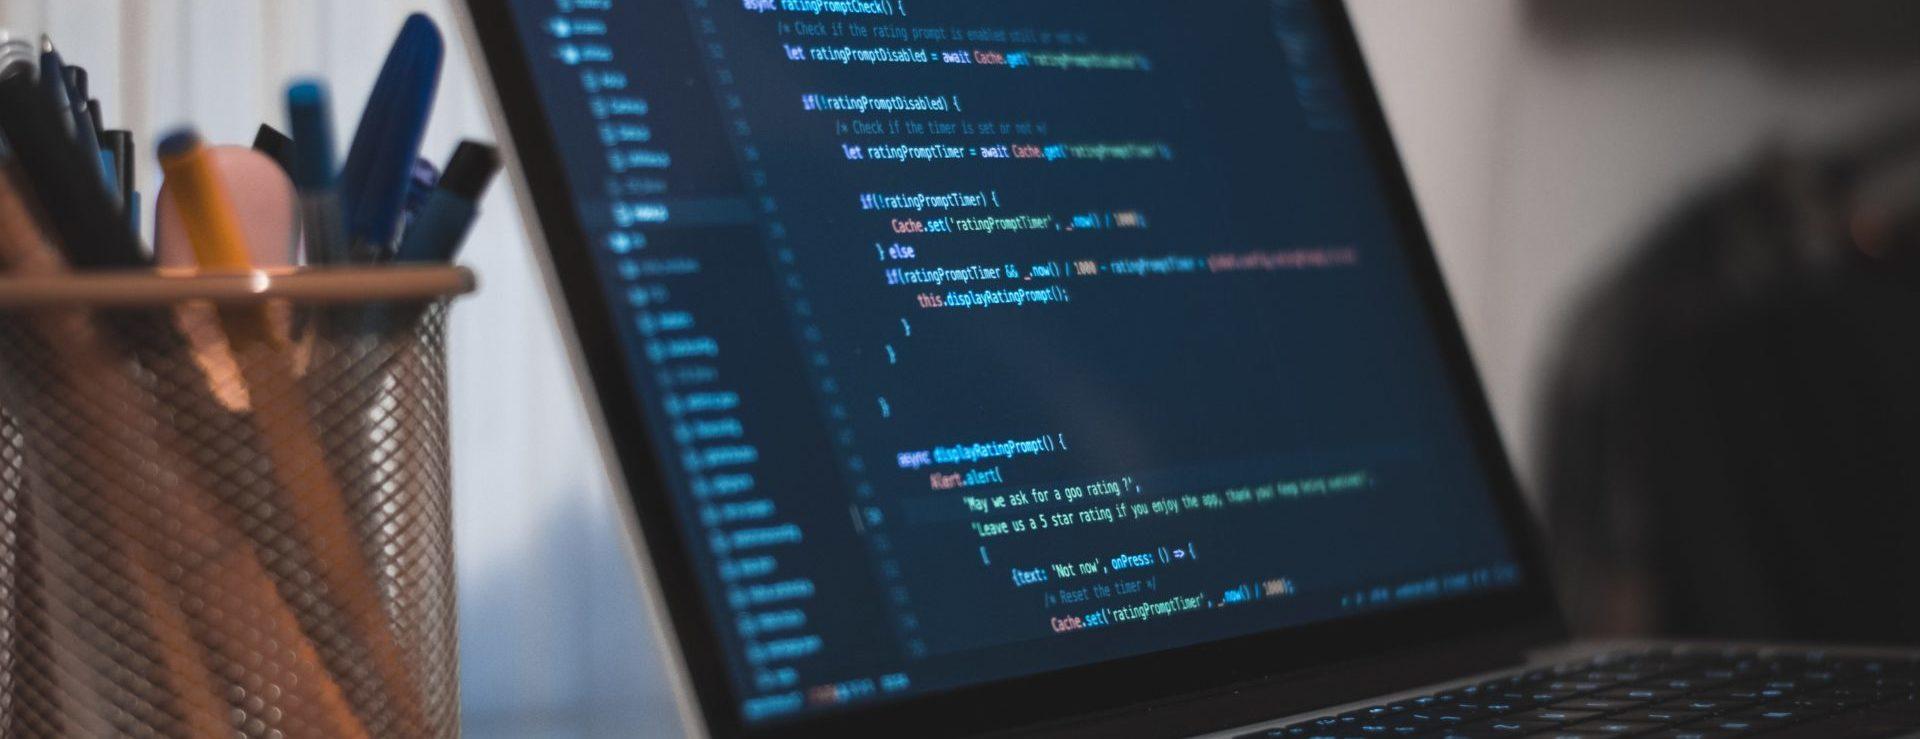 【稼げる人材になる前に】プログラミングを本気で学習するために準備をしよう!